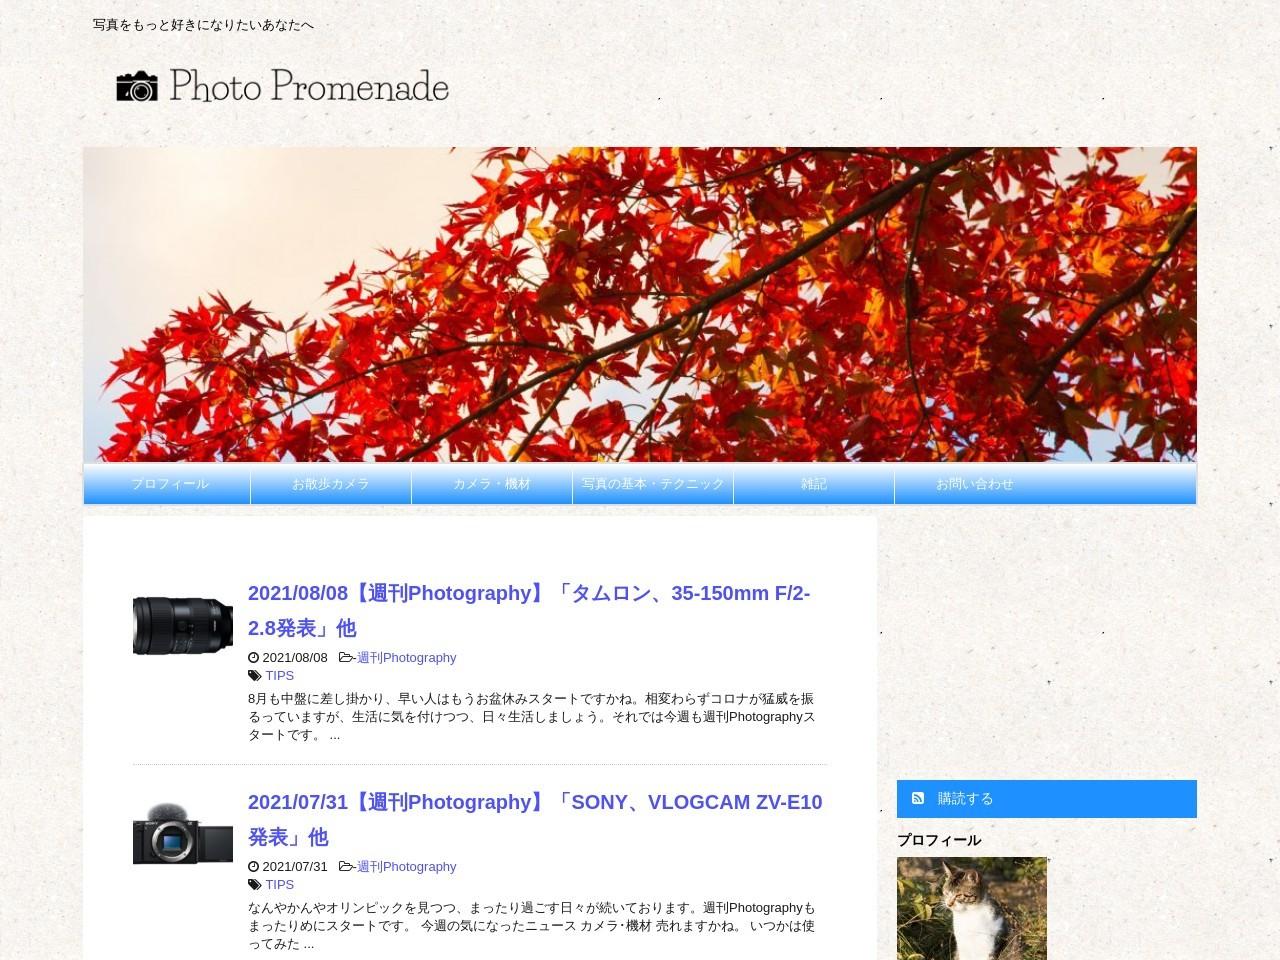 http://photo-promenade.com/8000d-d5500-k-s2/